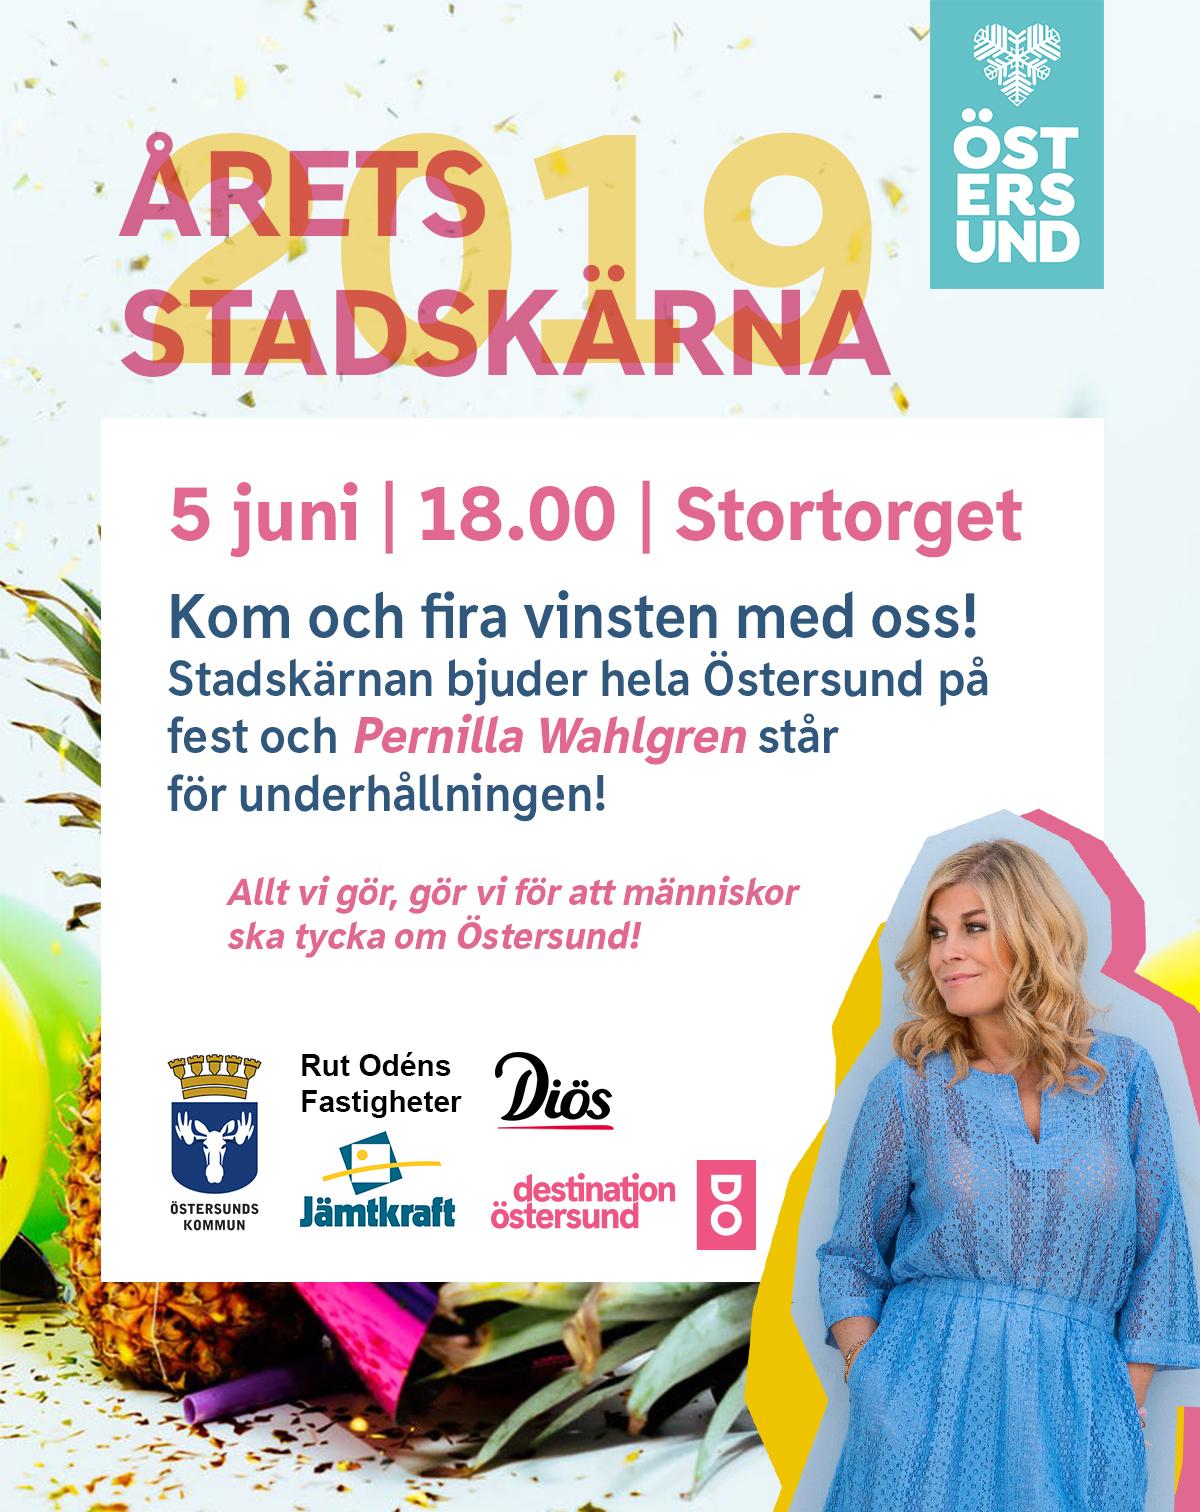 ÅretsStadskärna1.jpg